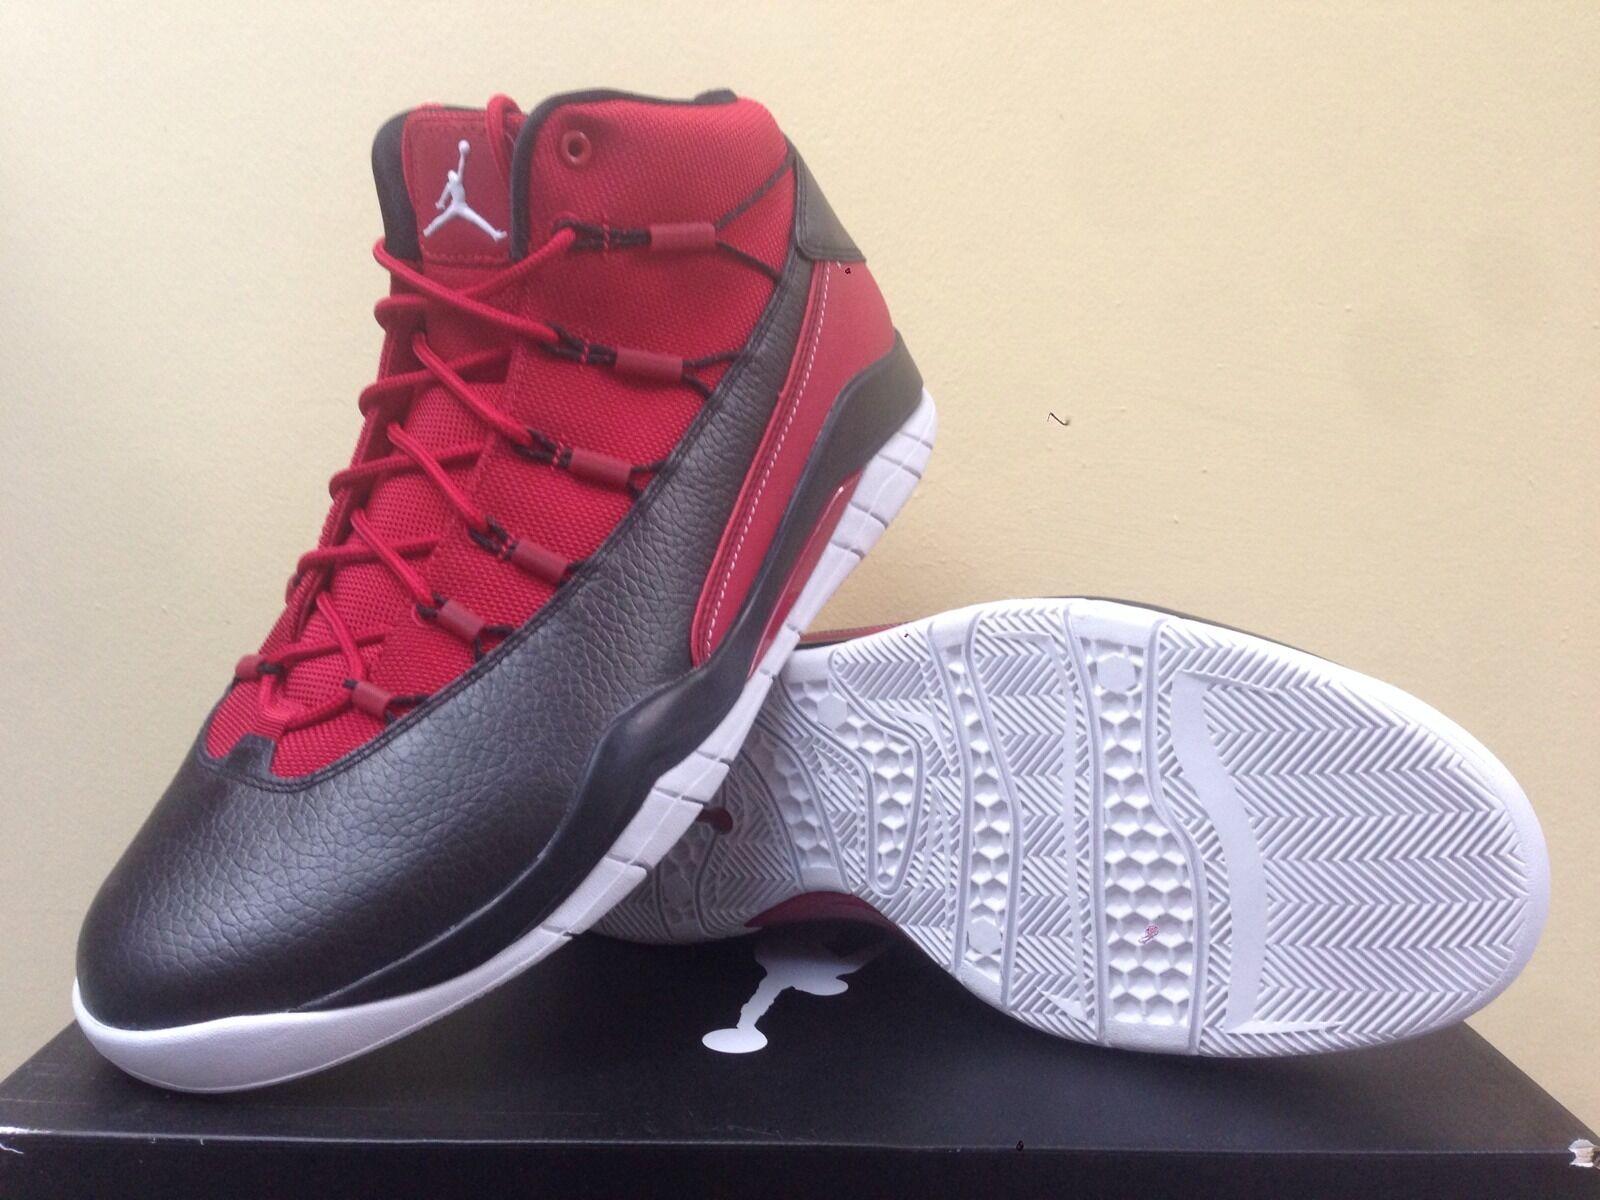 Nike air jordan il primo volo (nero / rosso) che gli uomini ci taglia 9 pennino